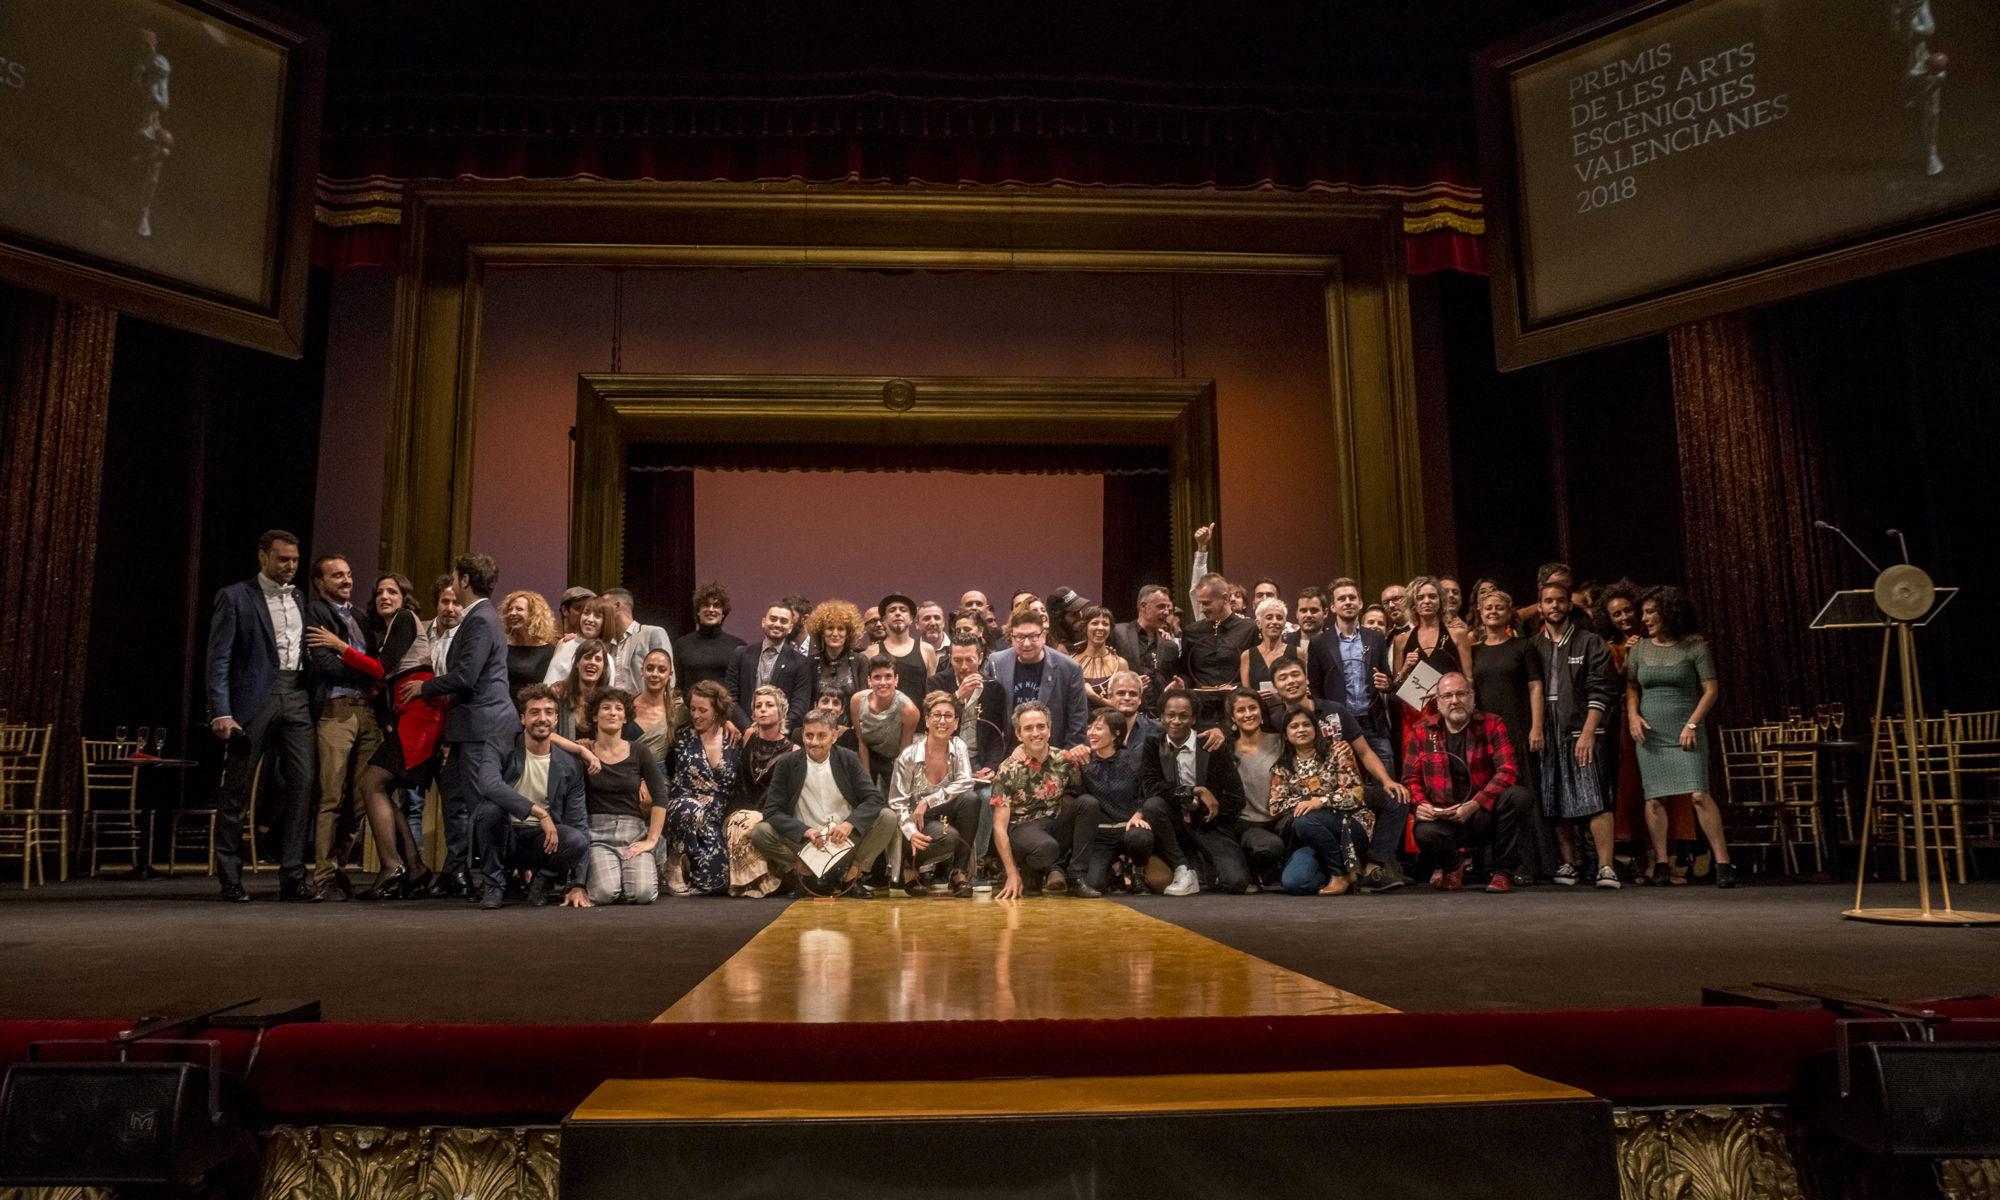 Los Premios de las Artes Escénicas volvieron a Valencia